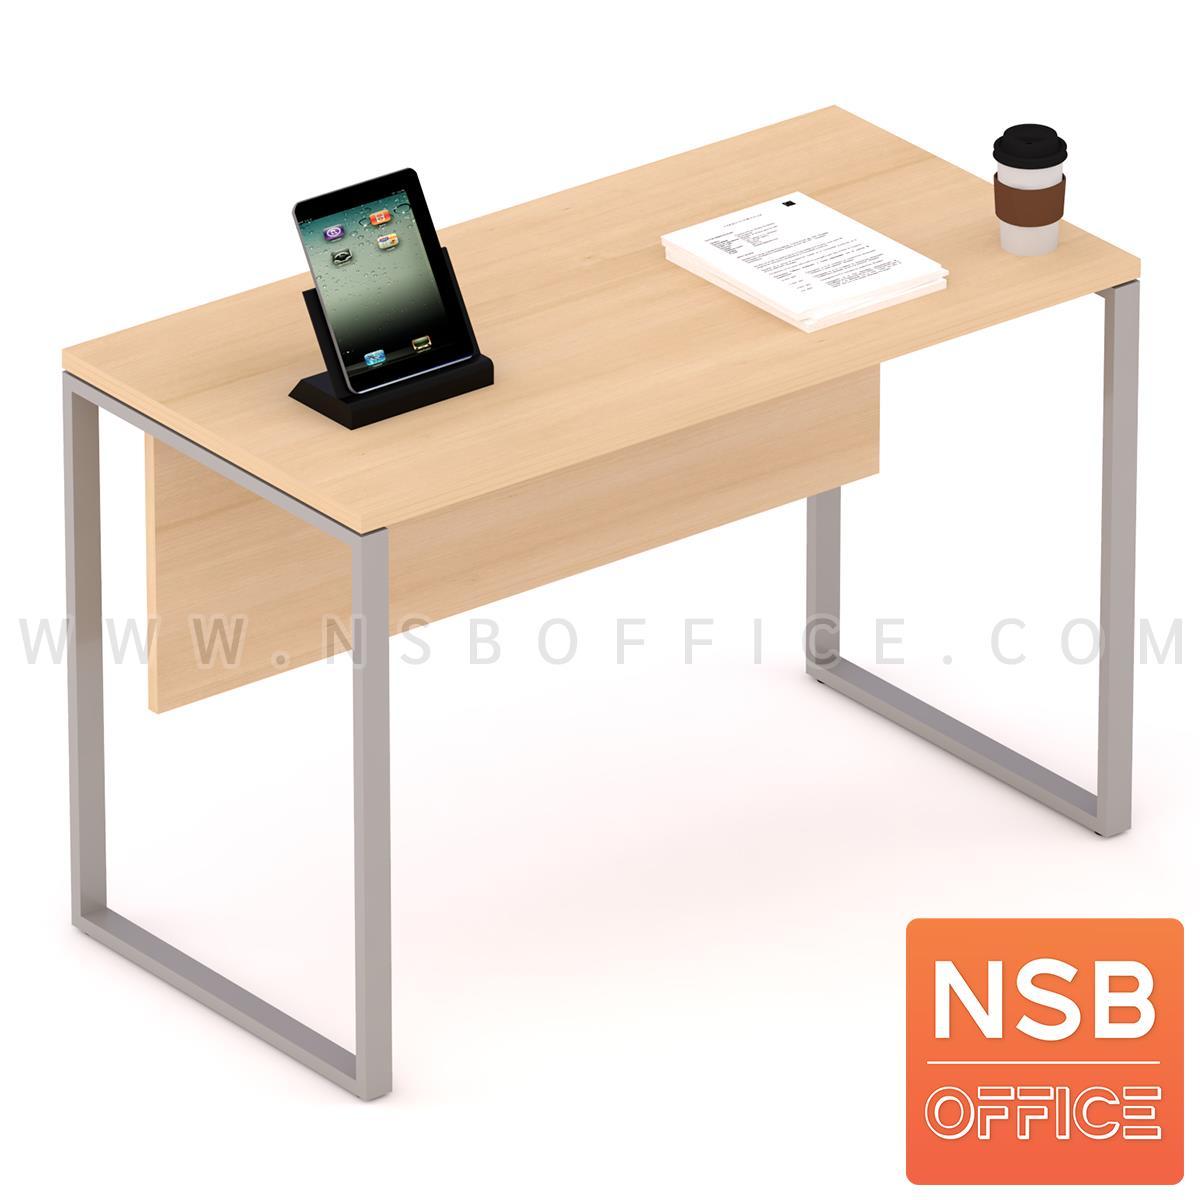 โต๊ะทำงานขาเหล็ก รุ่น Miller (มิลเลอร์) ขนาด 80W ,120W ,135W, 150W ,160W ,180W cm.